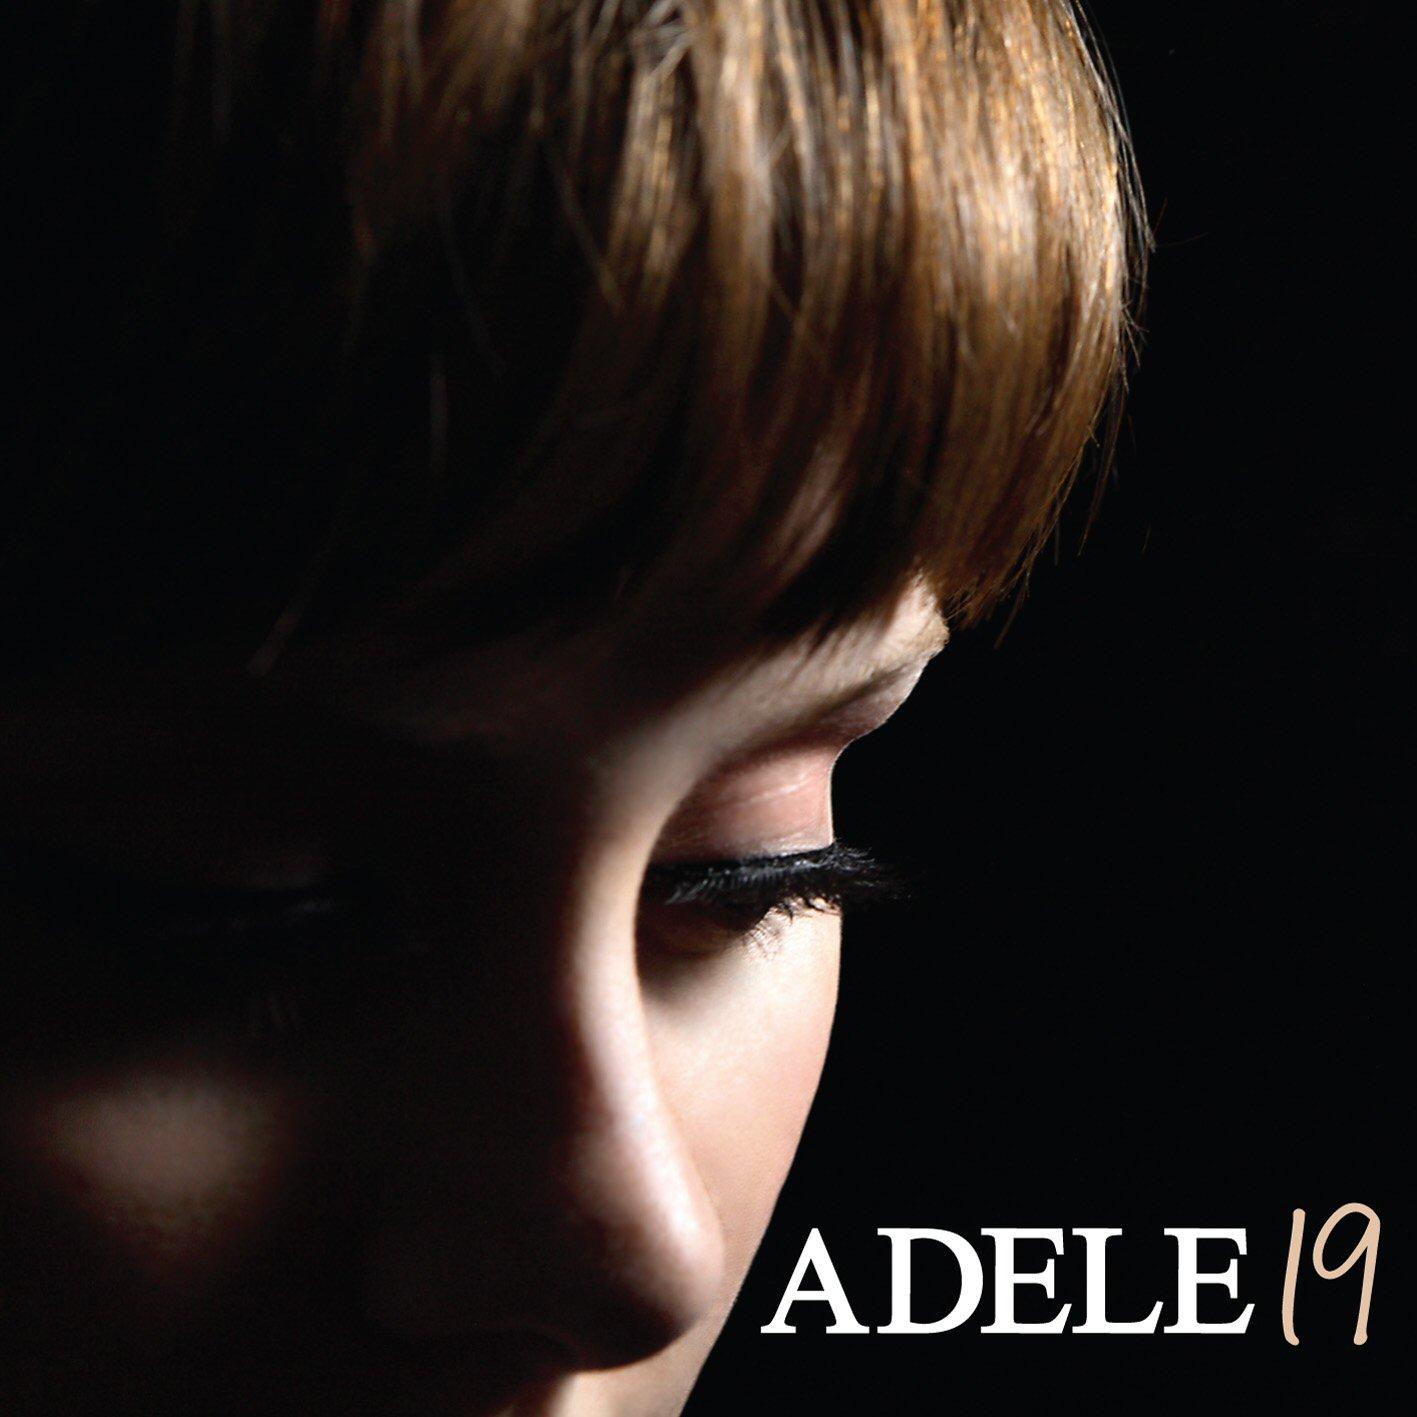 http://4.bp.blogspot.com/_WVHtsCDjlsw/S7zJU4kCwUI/AAAAAAAAAB4/ZpQCeEwV-hU/s1600/Adele+cover.jpg